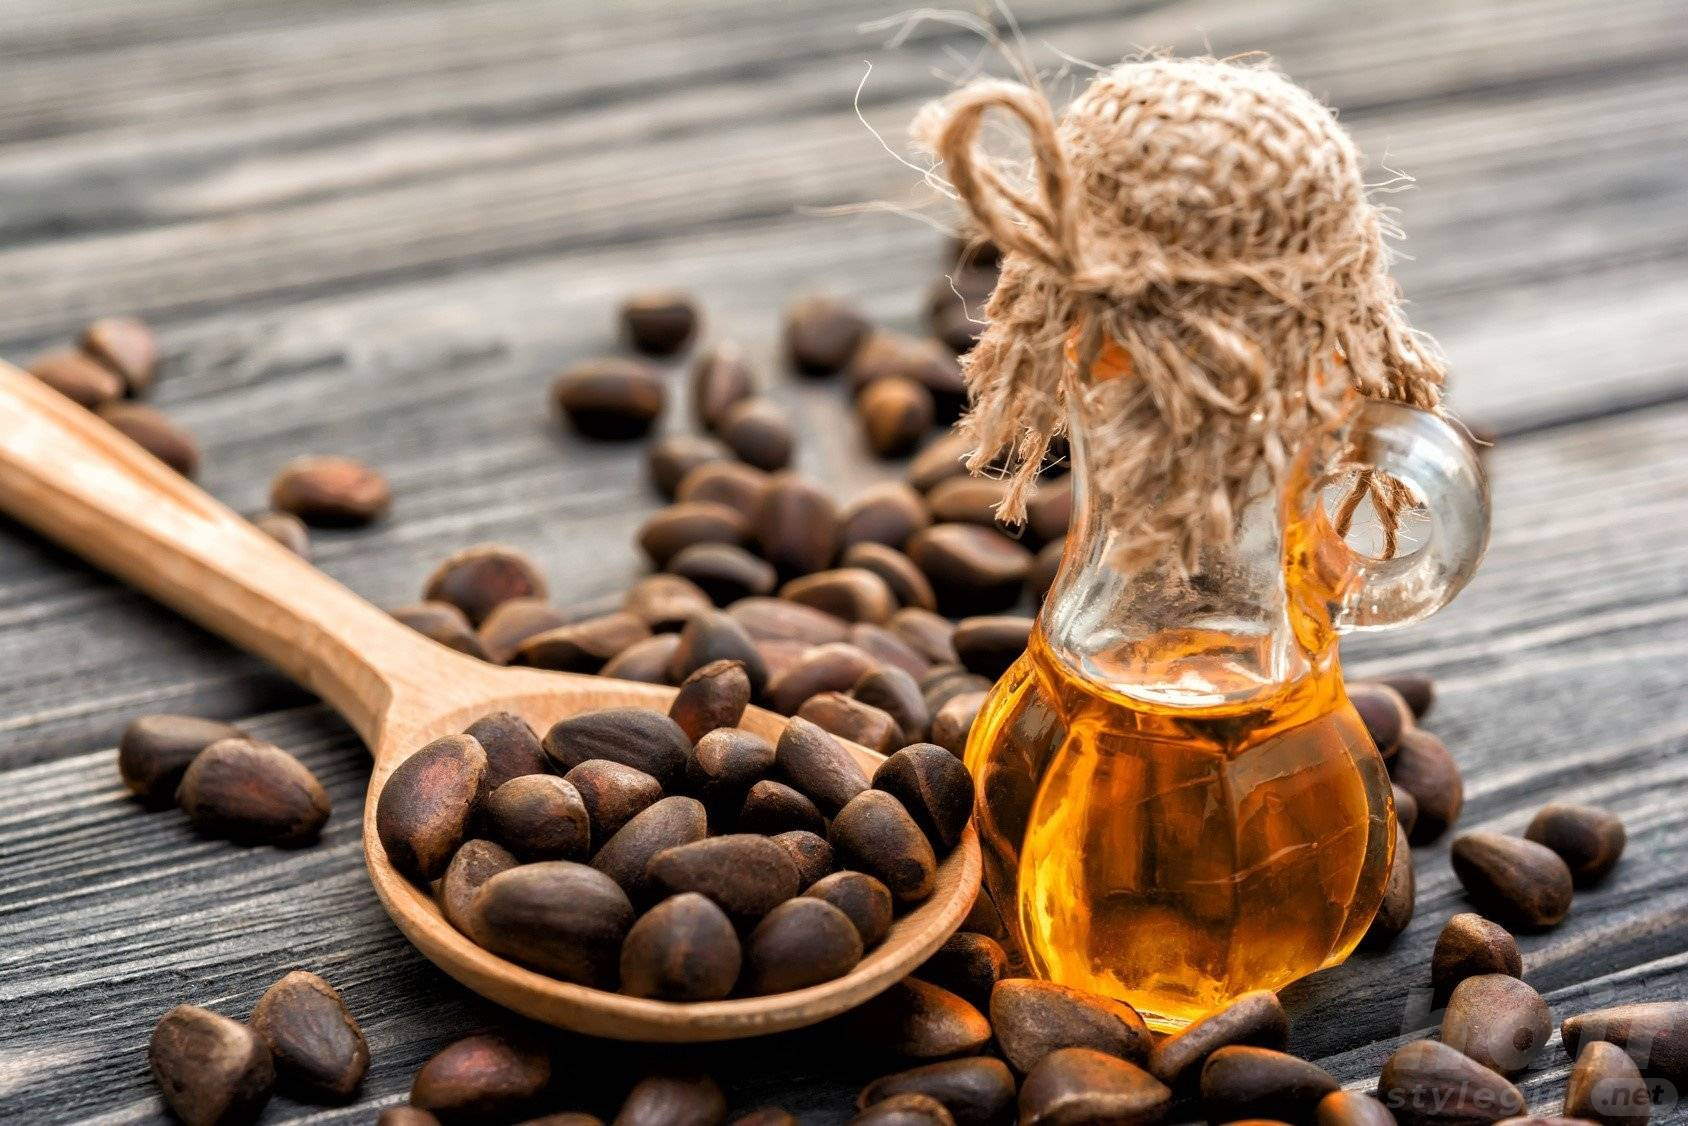 Cedarwood Oil for Hair Growth